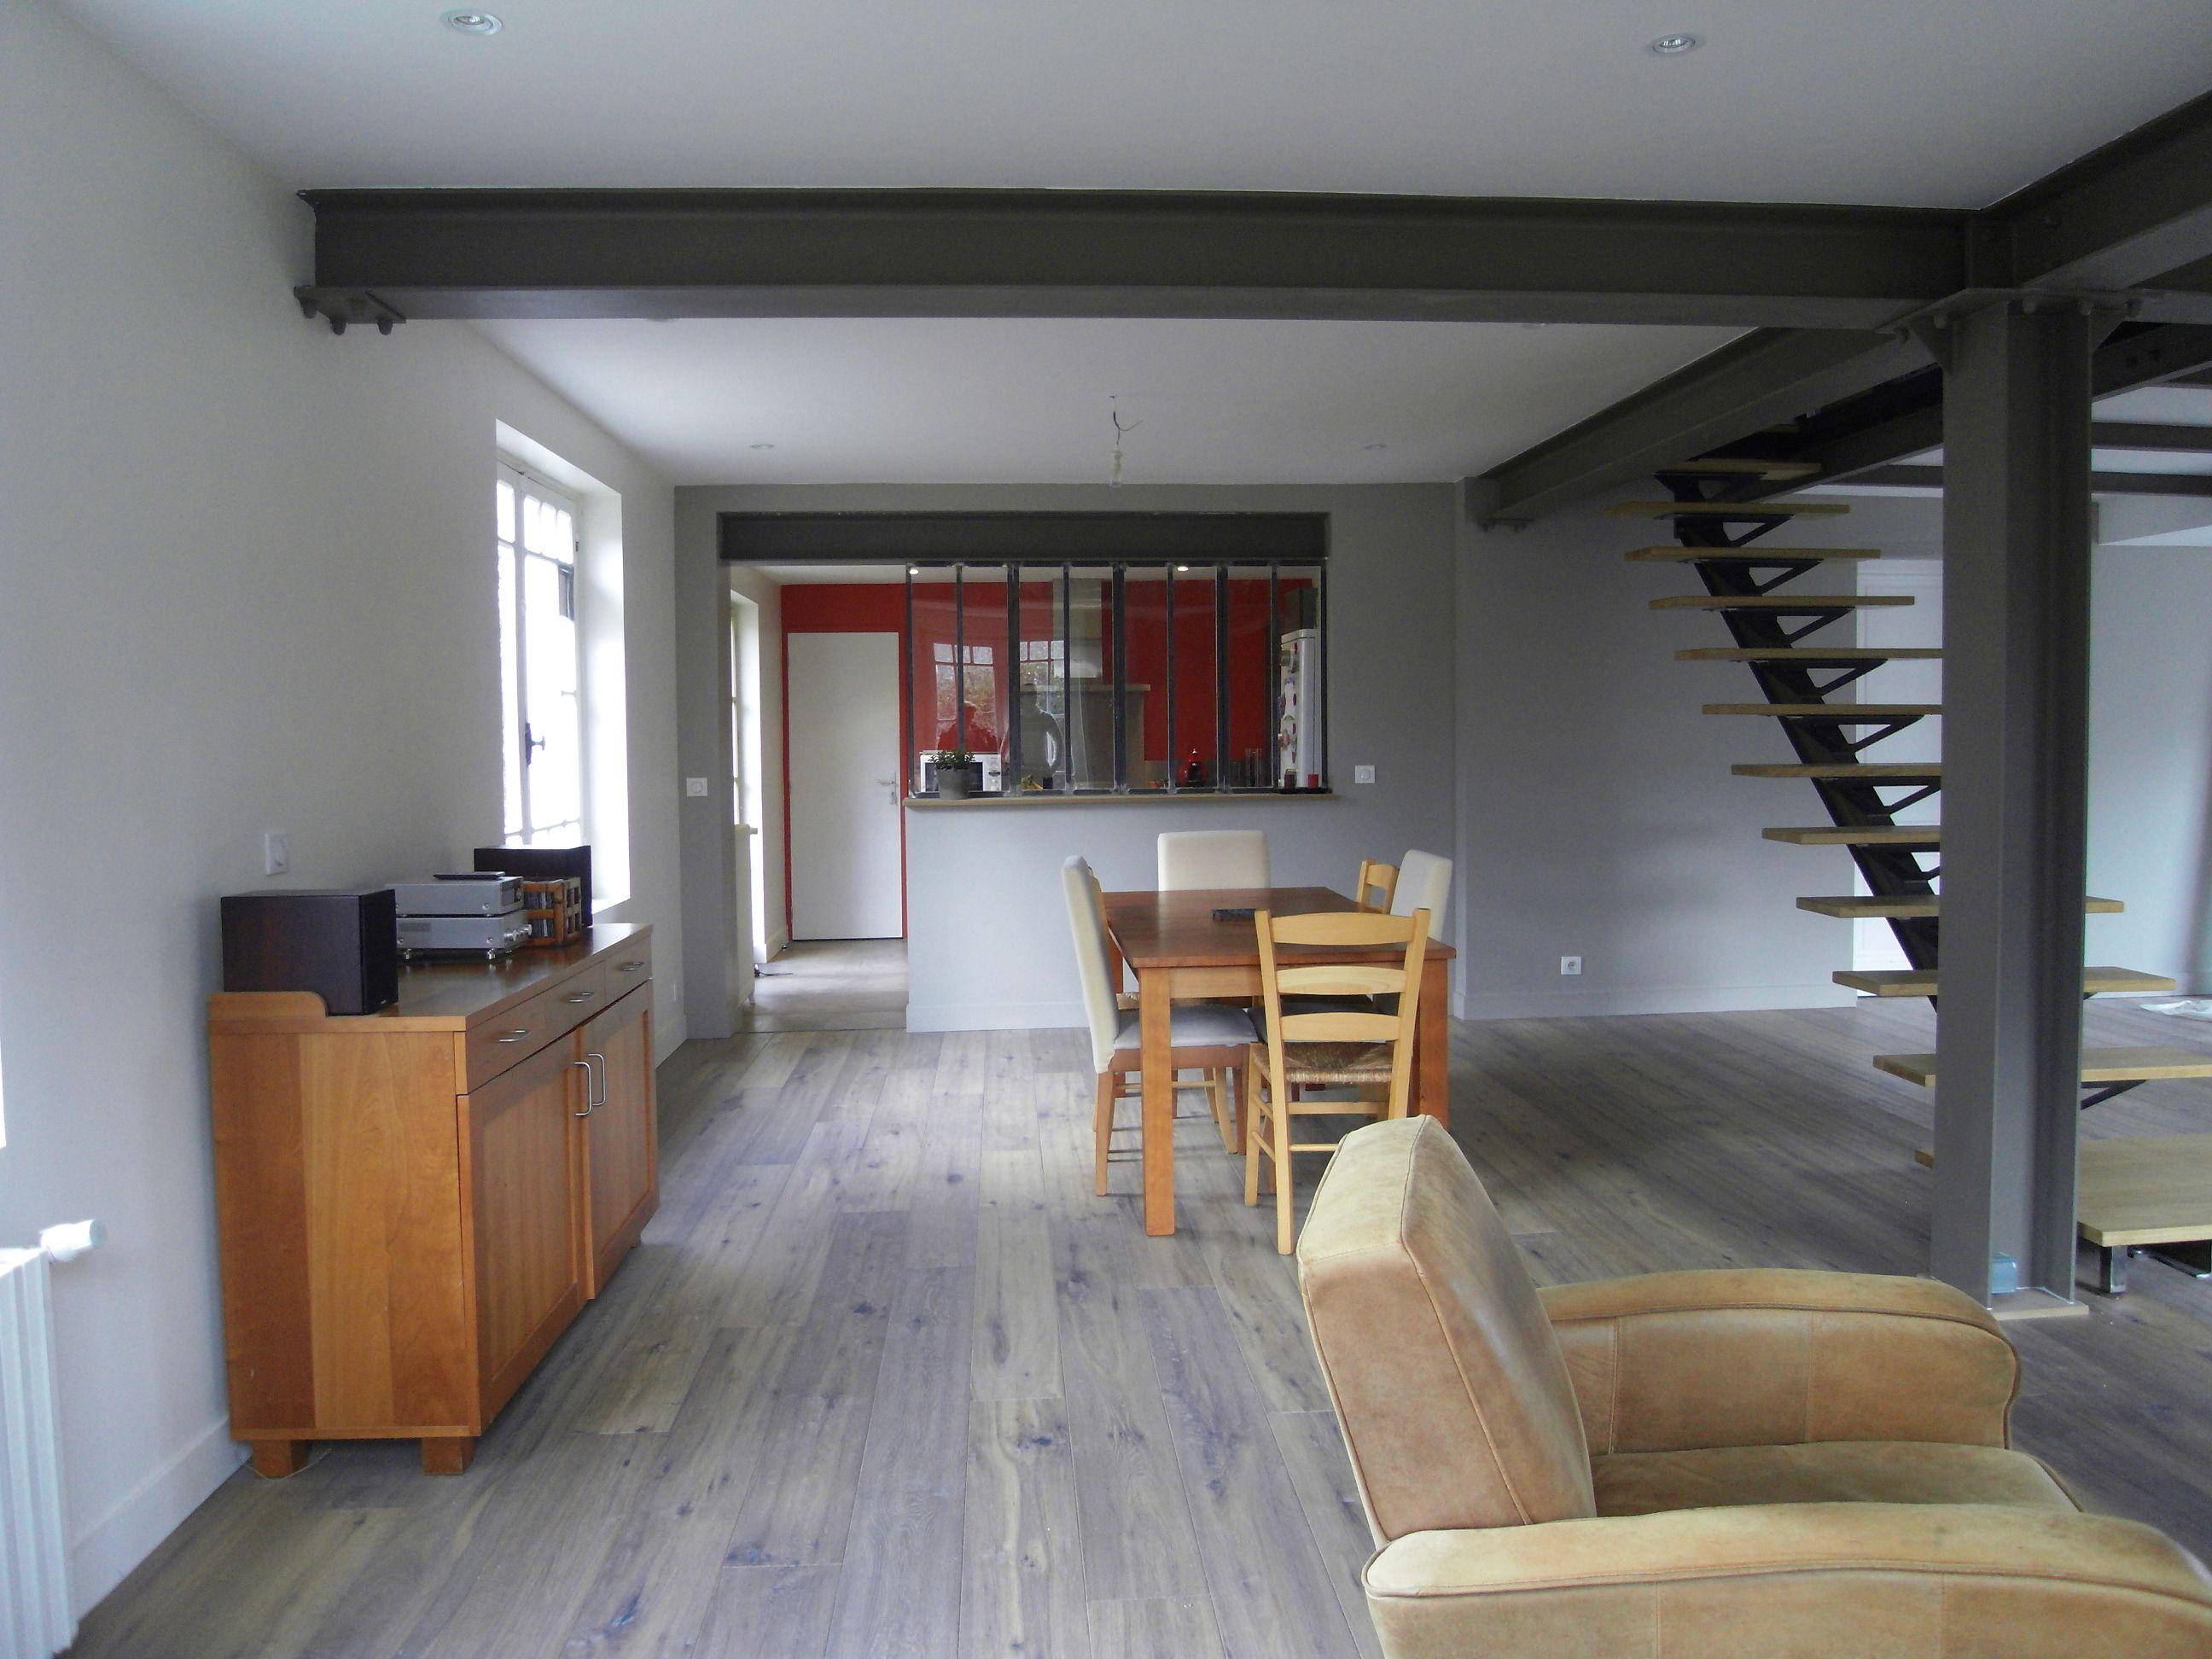 Home et vous r novation d une maison de 1925 pessac travaux pinterest - Poutre ipn apparente ...